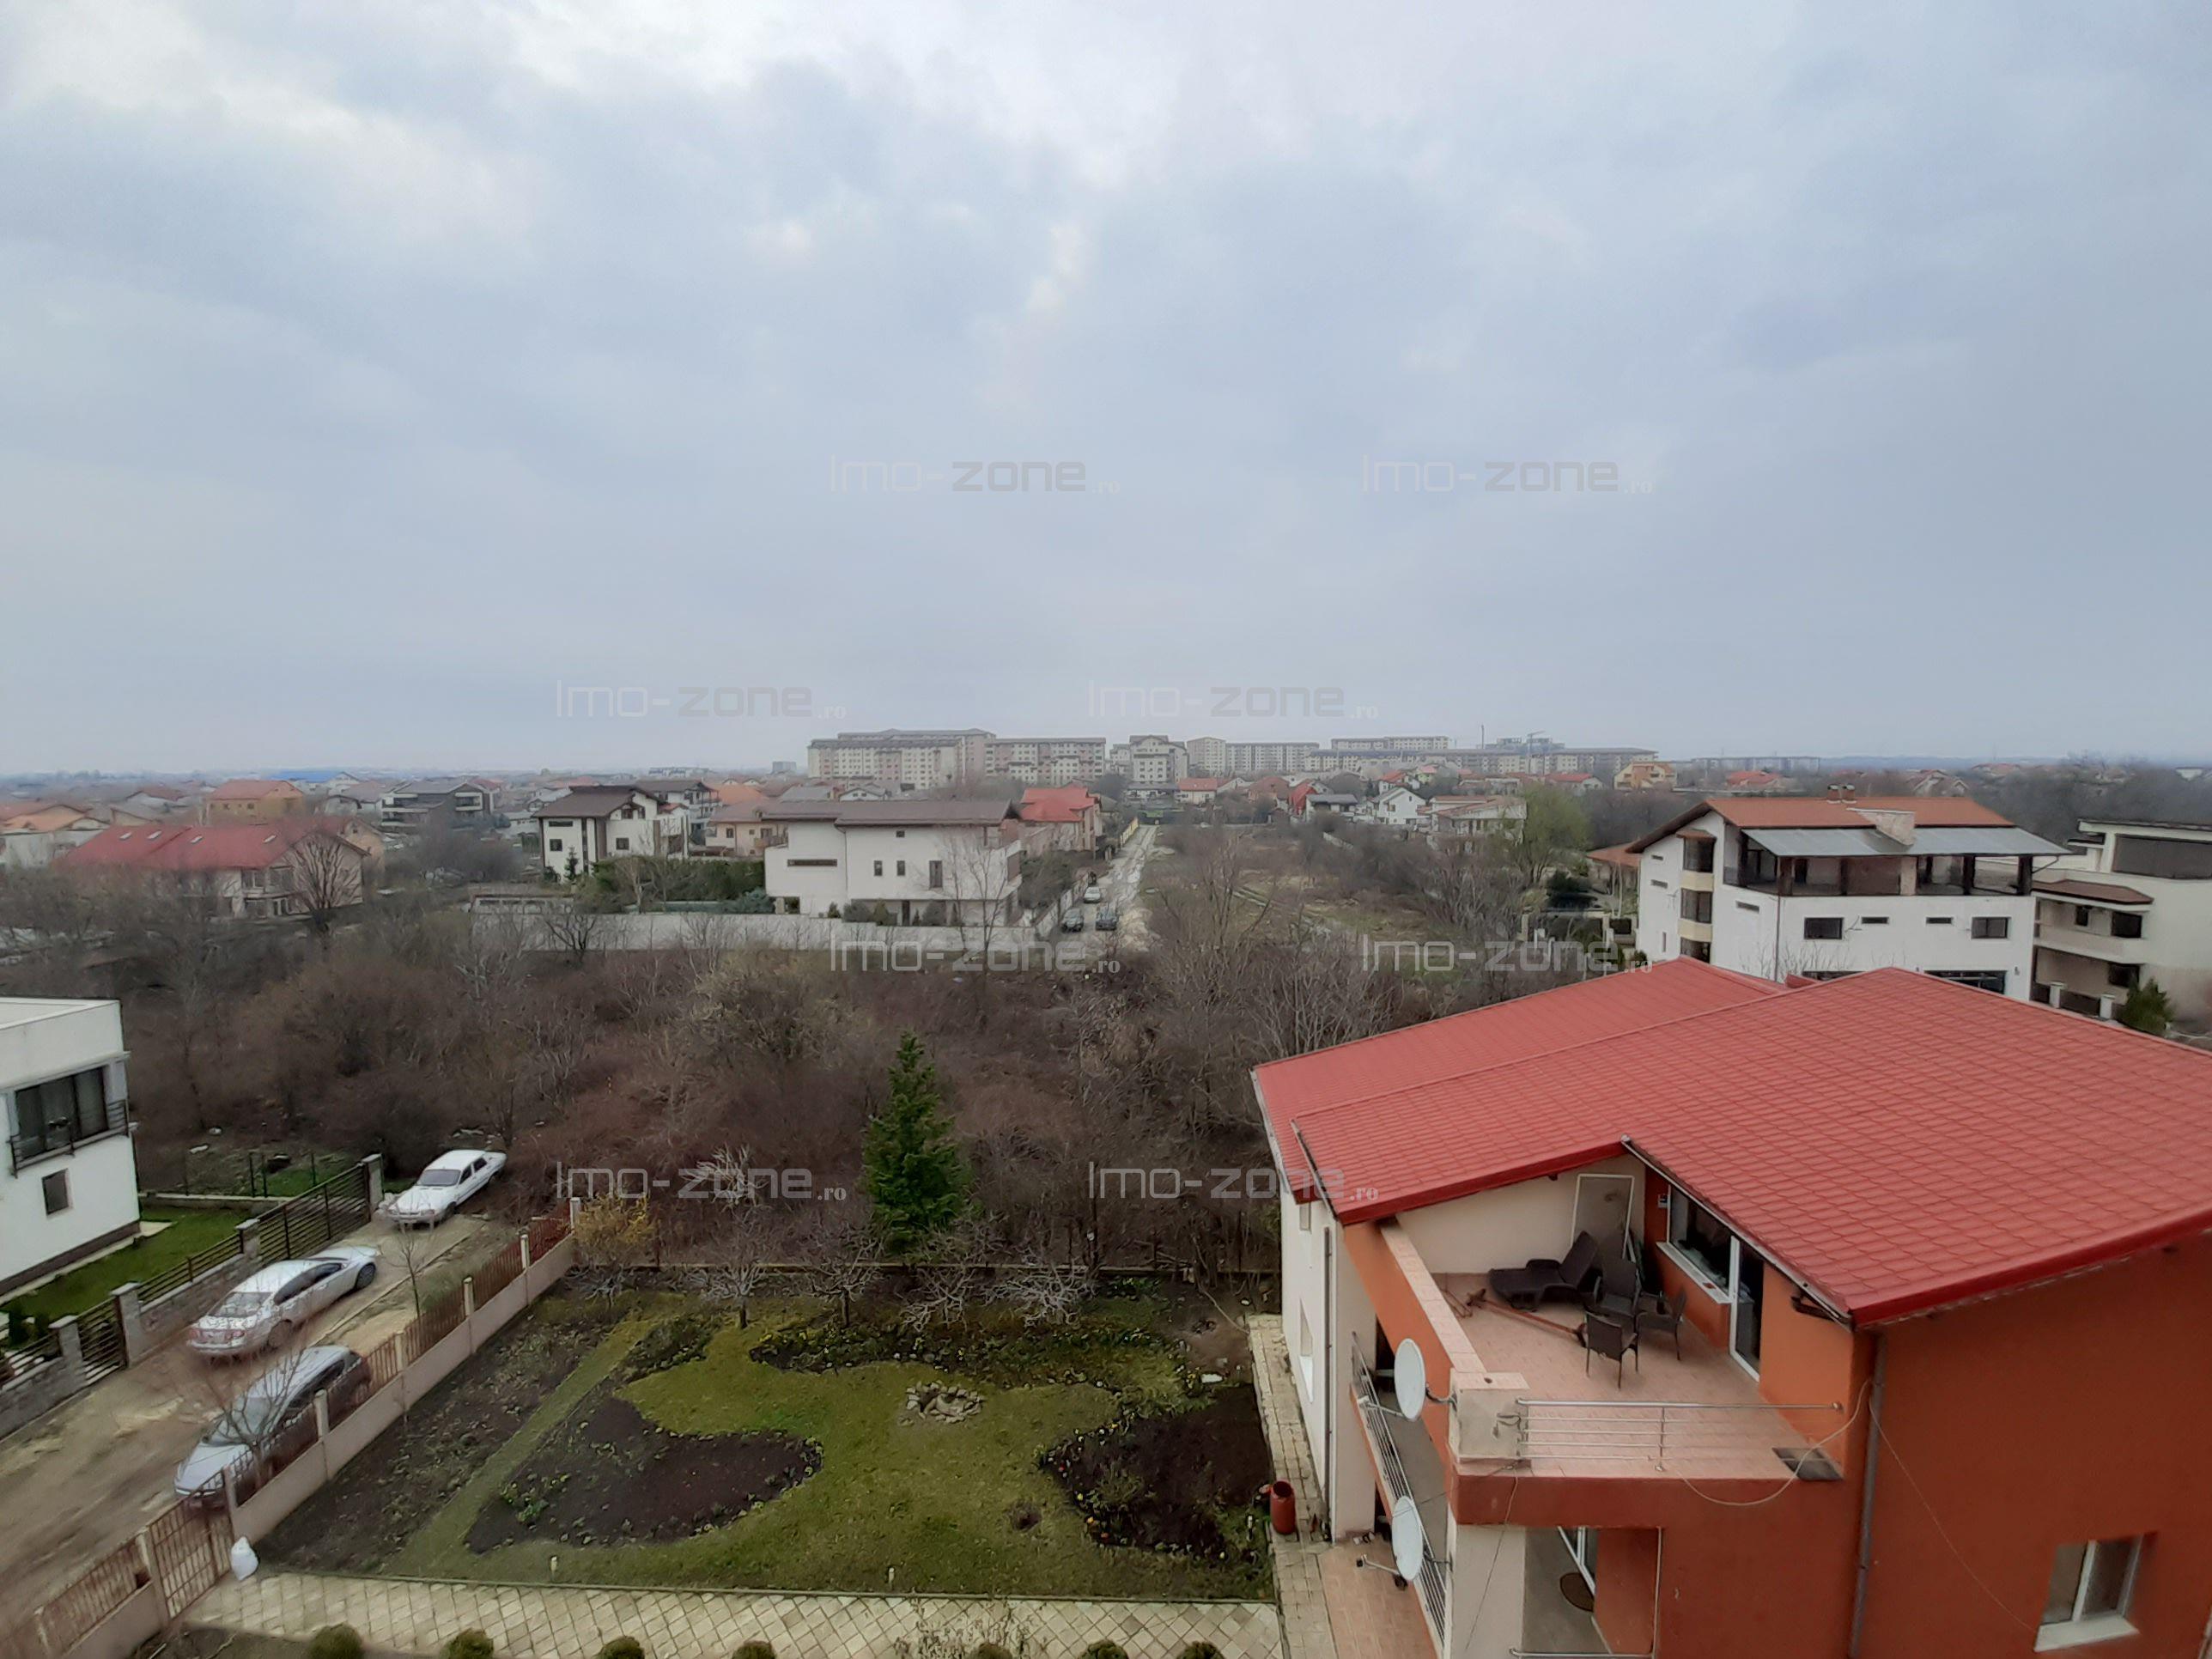 Apartament 3 camere + terasa, Drumul Taberei, Funigeilor, bloc 2019, comision 0%